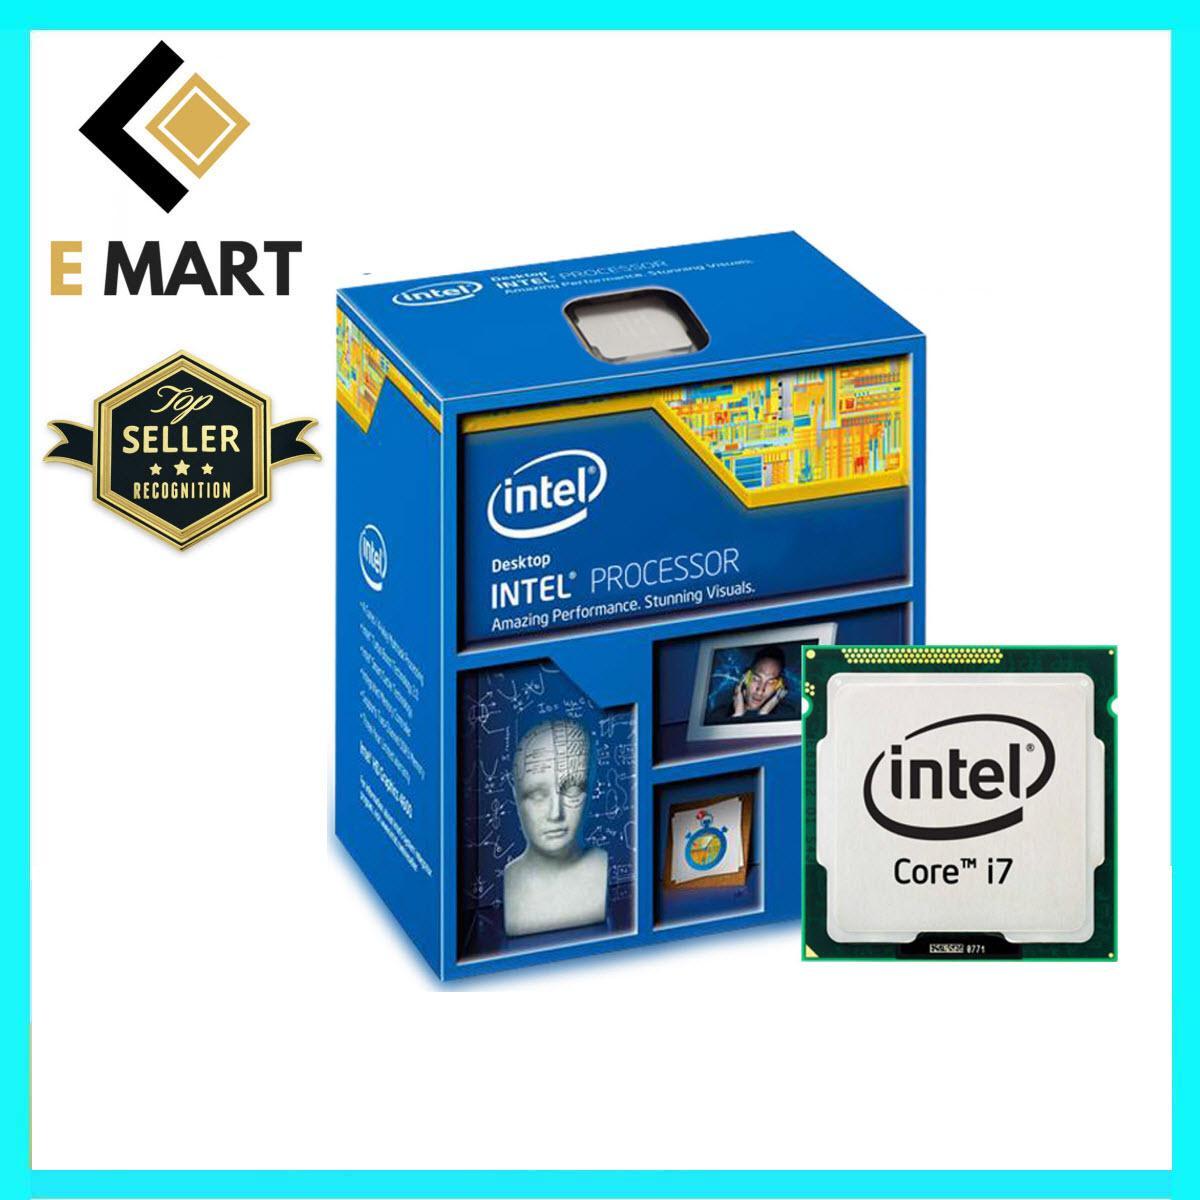 Bộ vi xử lý Intel CPU Core I7 2600S (4 lõi - 8 luồng) Tiệt Kiệm Điện Chất Lượng Tốt - Hàng Nhập Khẩu